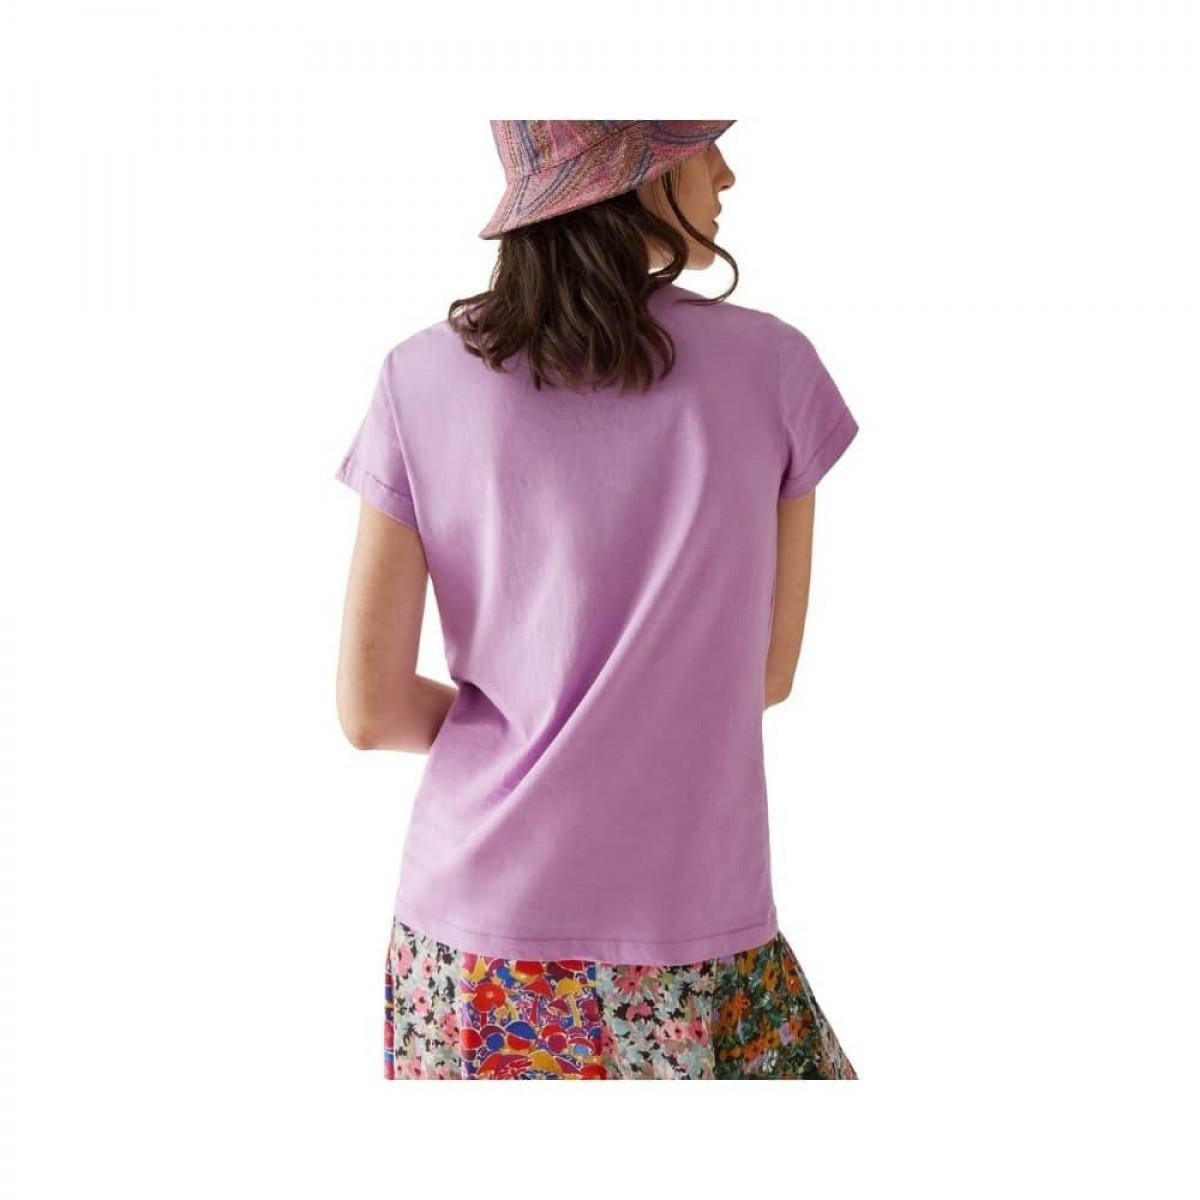 m missoni t-shirt - purple - model ryg